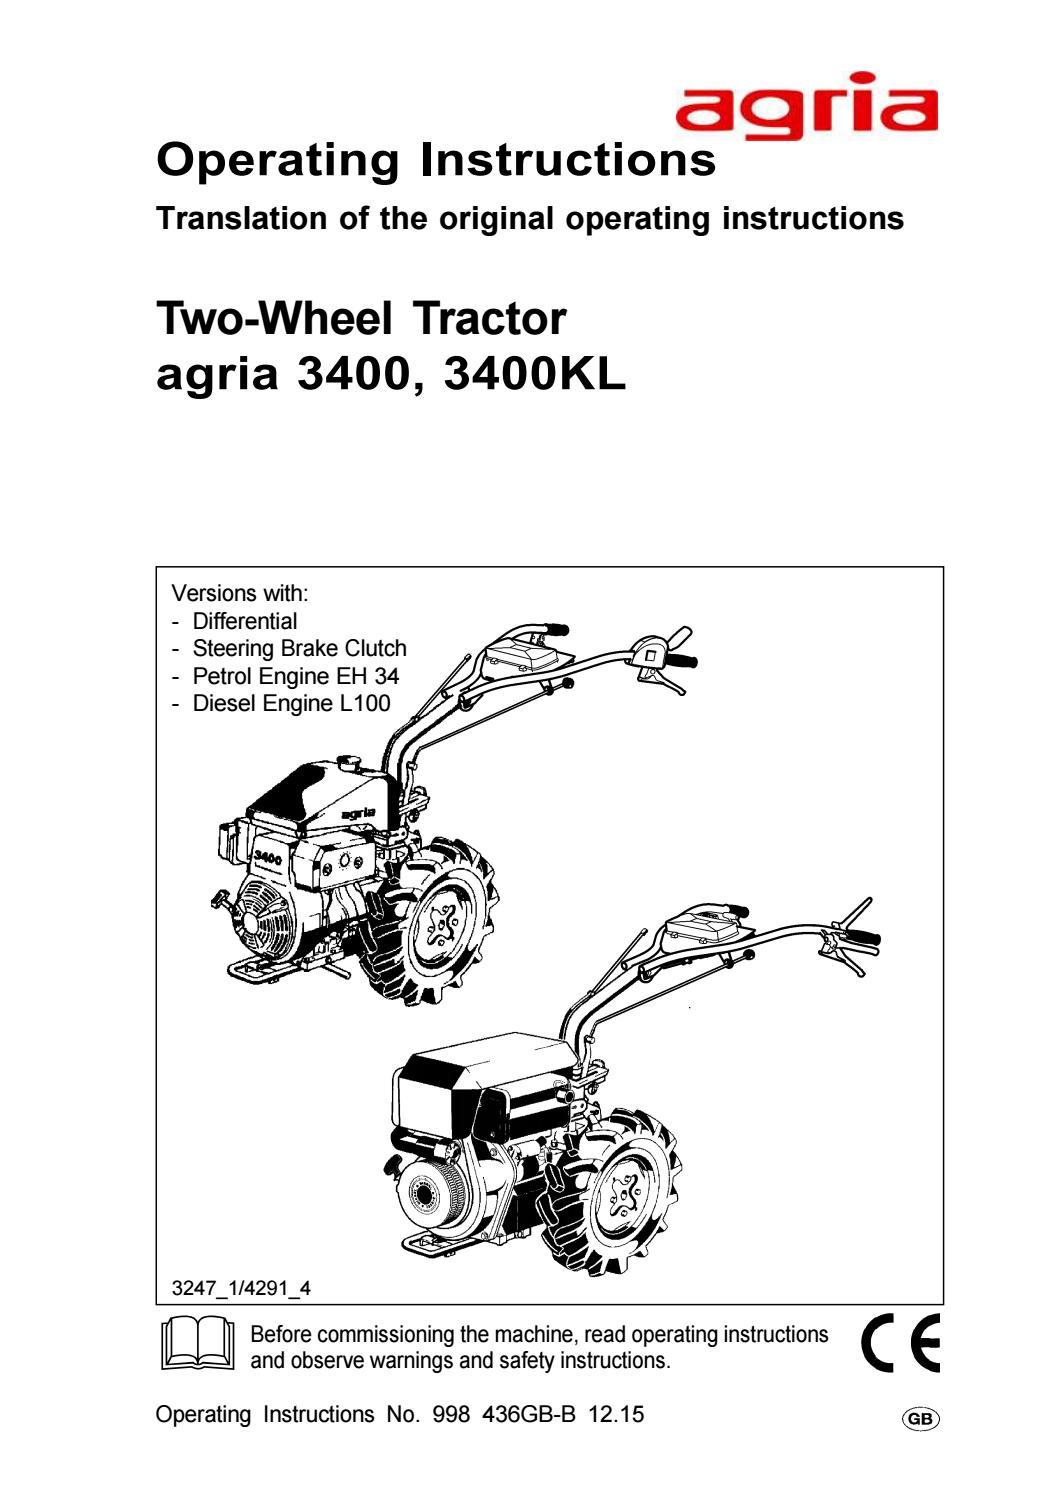 agria 3400 intruksjonsbok brukerveiledning by maskin